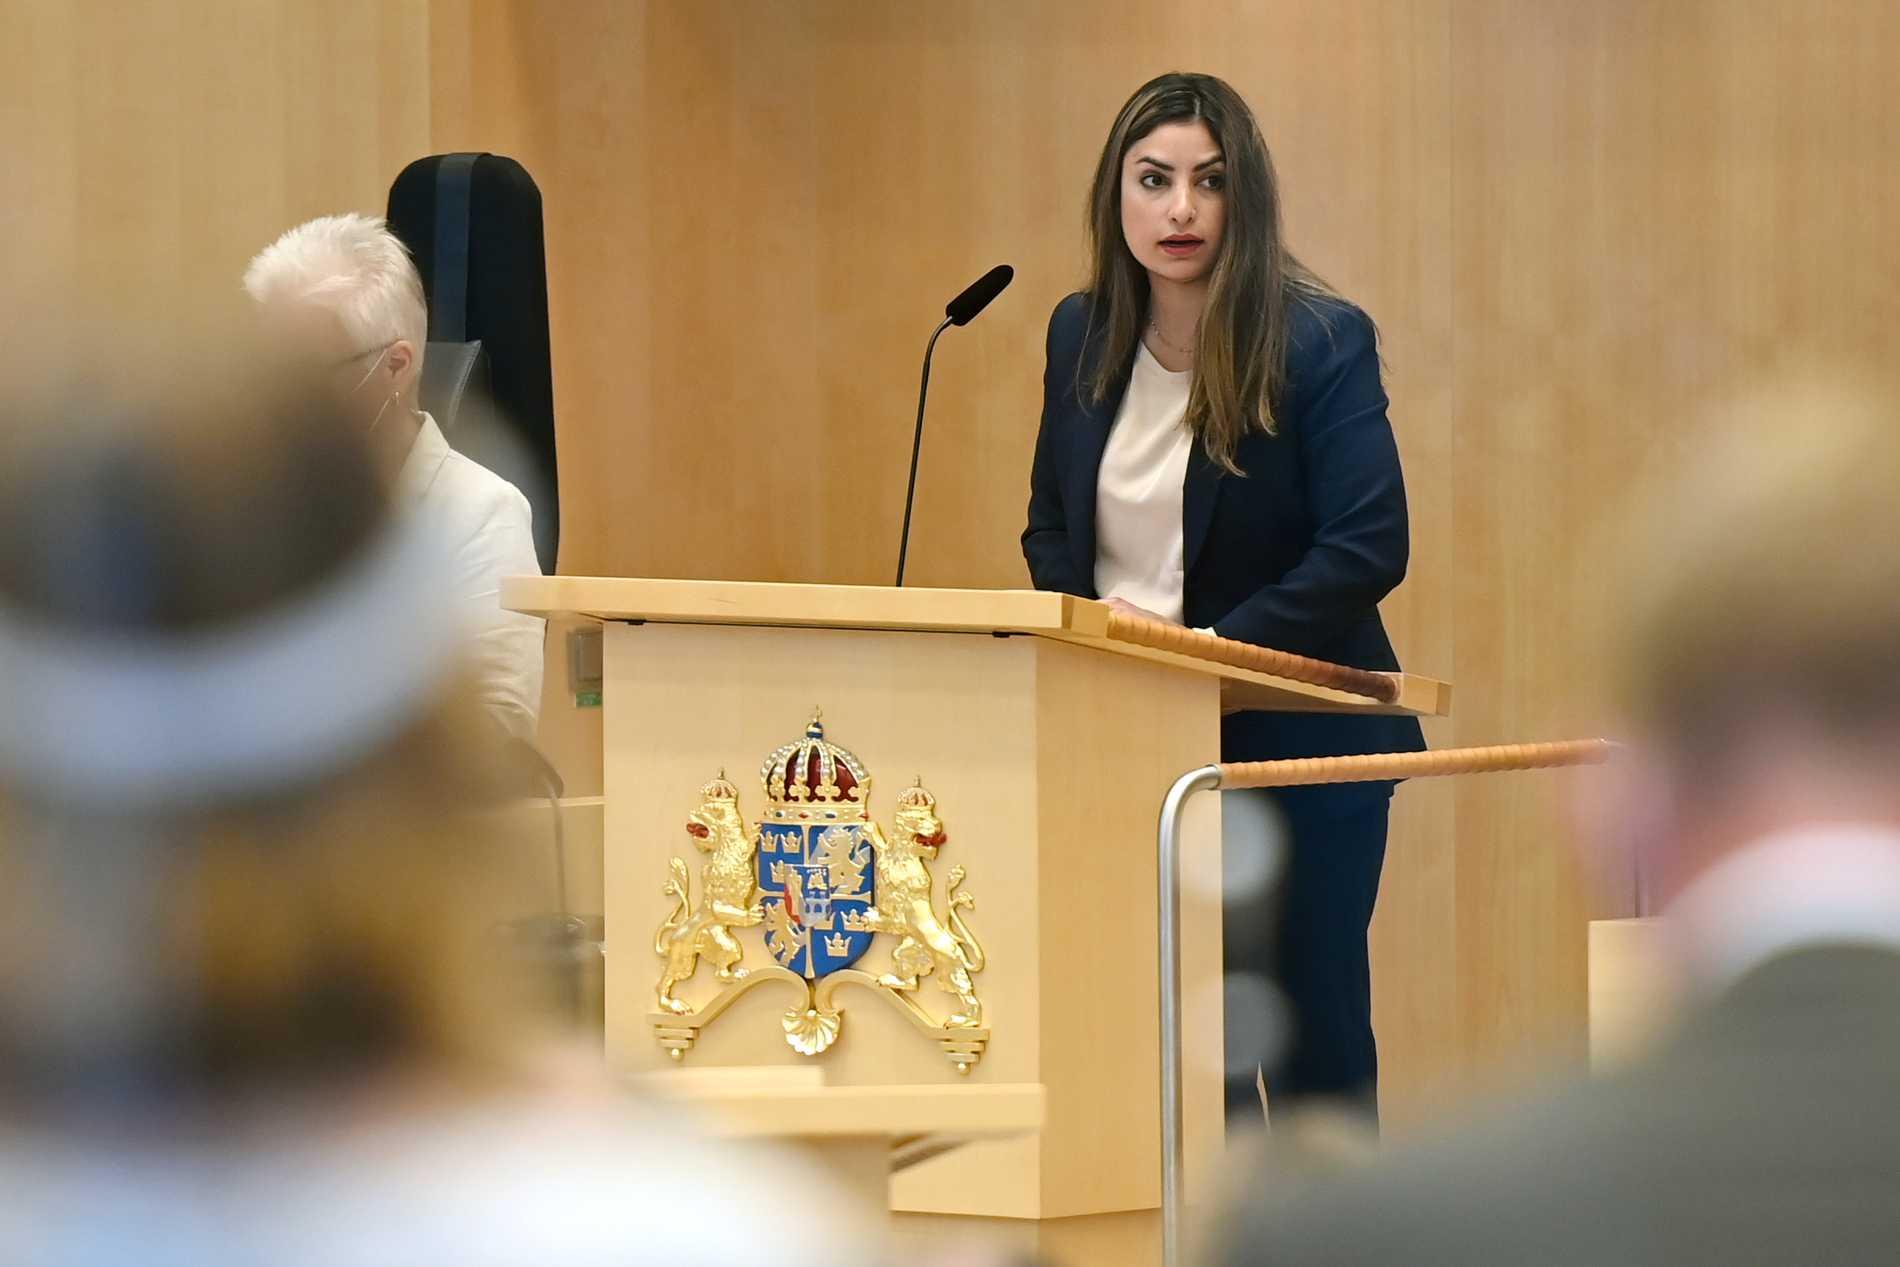 Vänsterpartiets partiledare Nooshi Dadgostar (V) talar i plenisalen före måndagens misstroendeomröstningen mot statsminister Stefan Löfven i riksdagen.